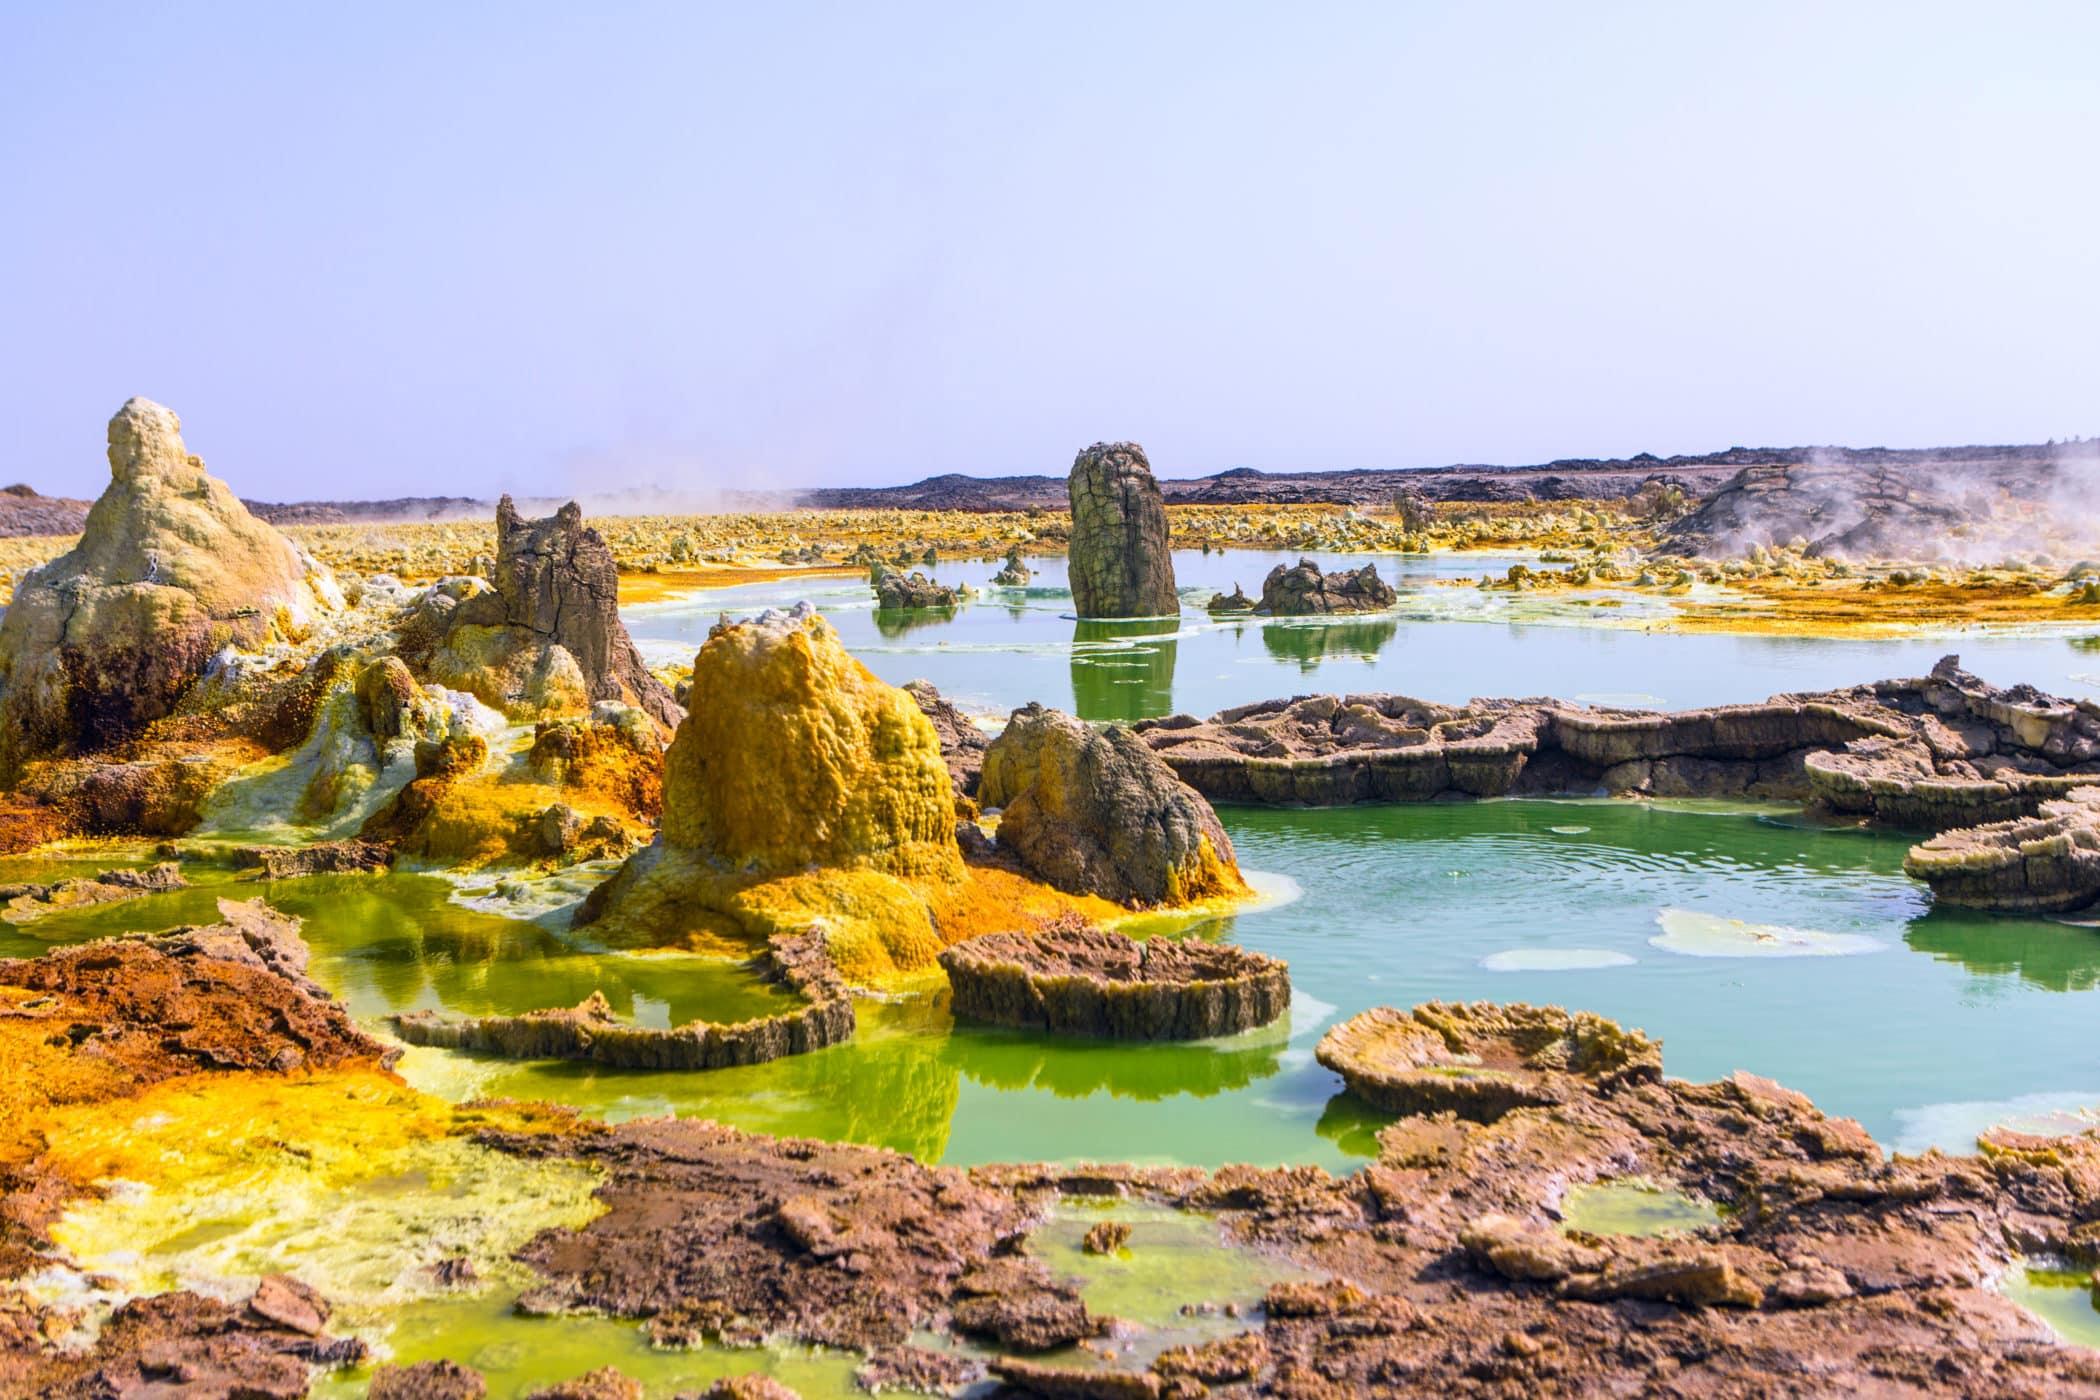 africa-horn-travel-africorne-travel-volcan-ethiopia